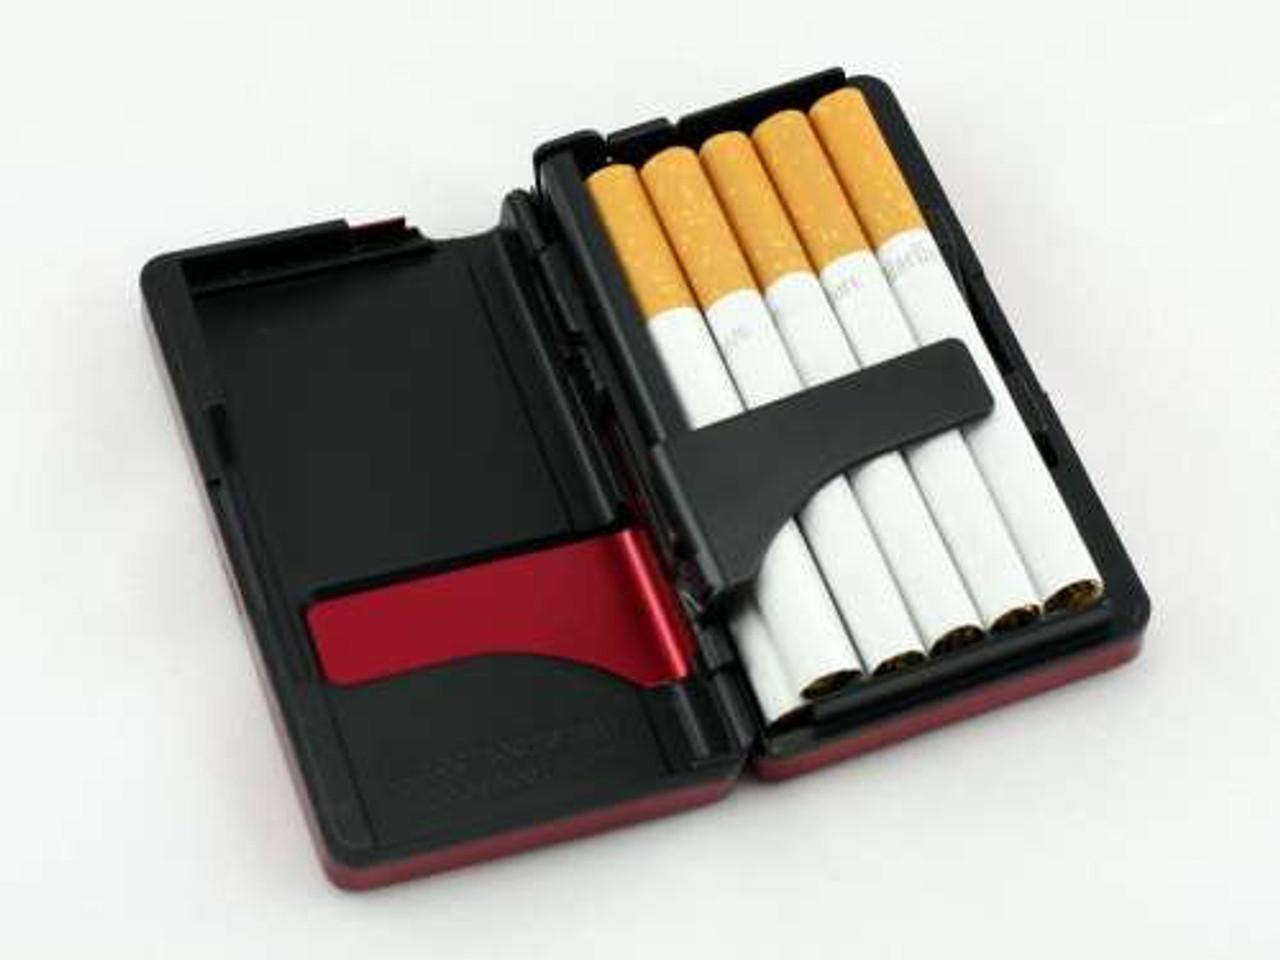 Red Auto Slide Cigarette Case